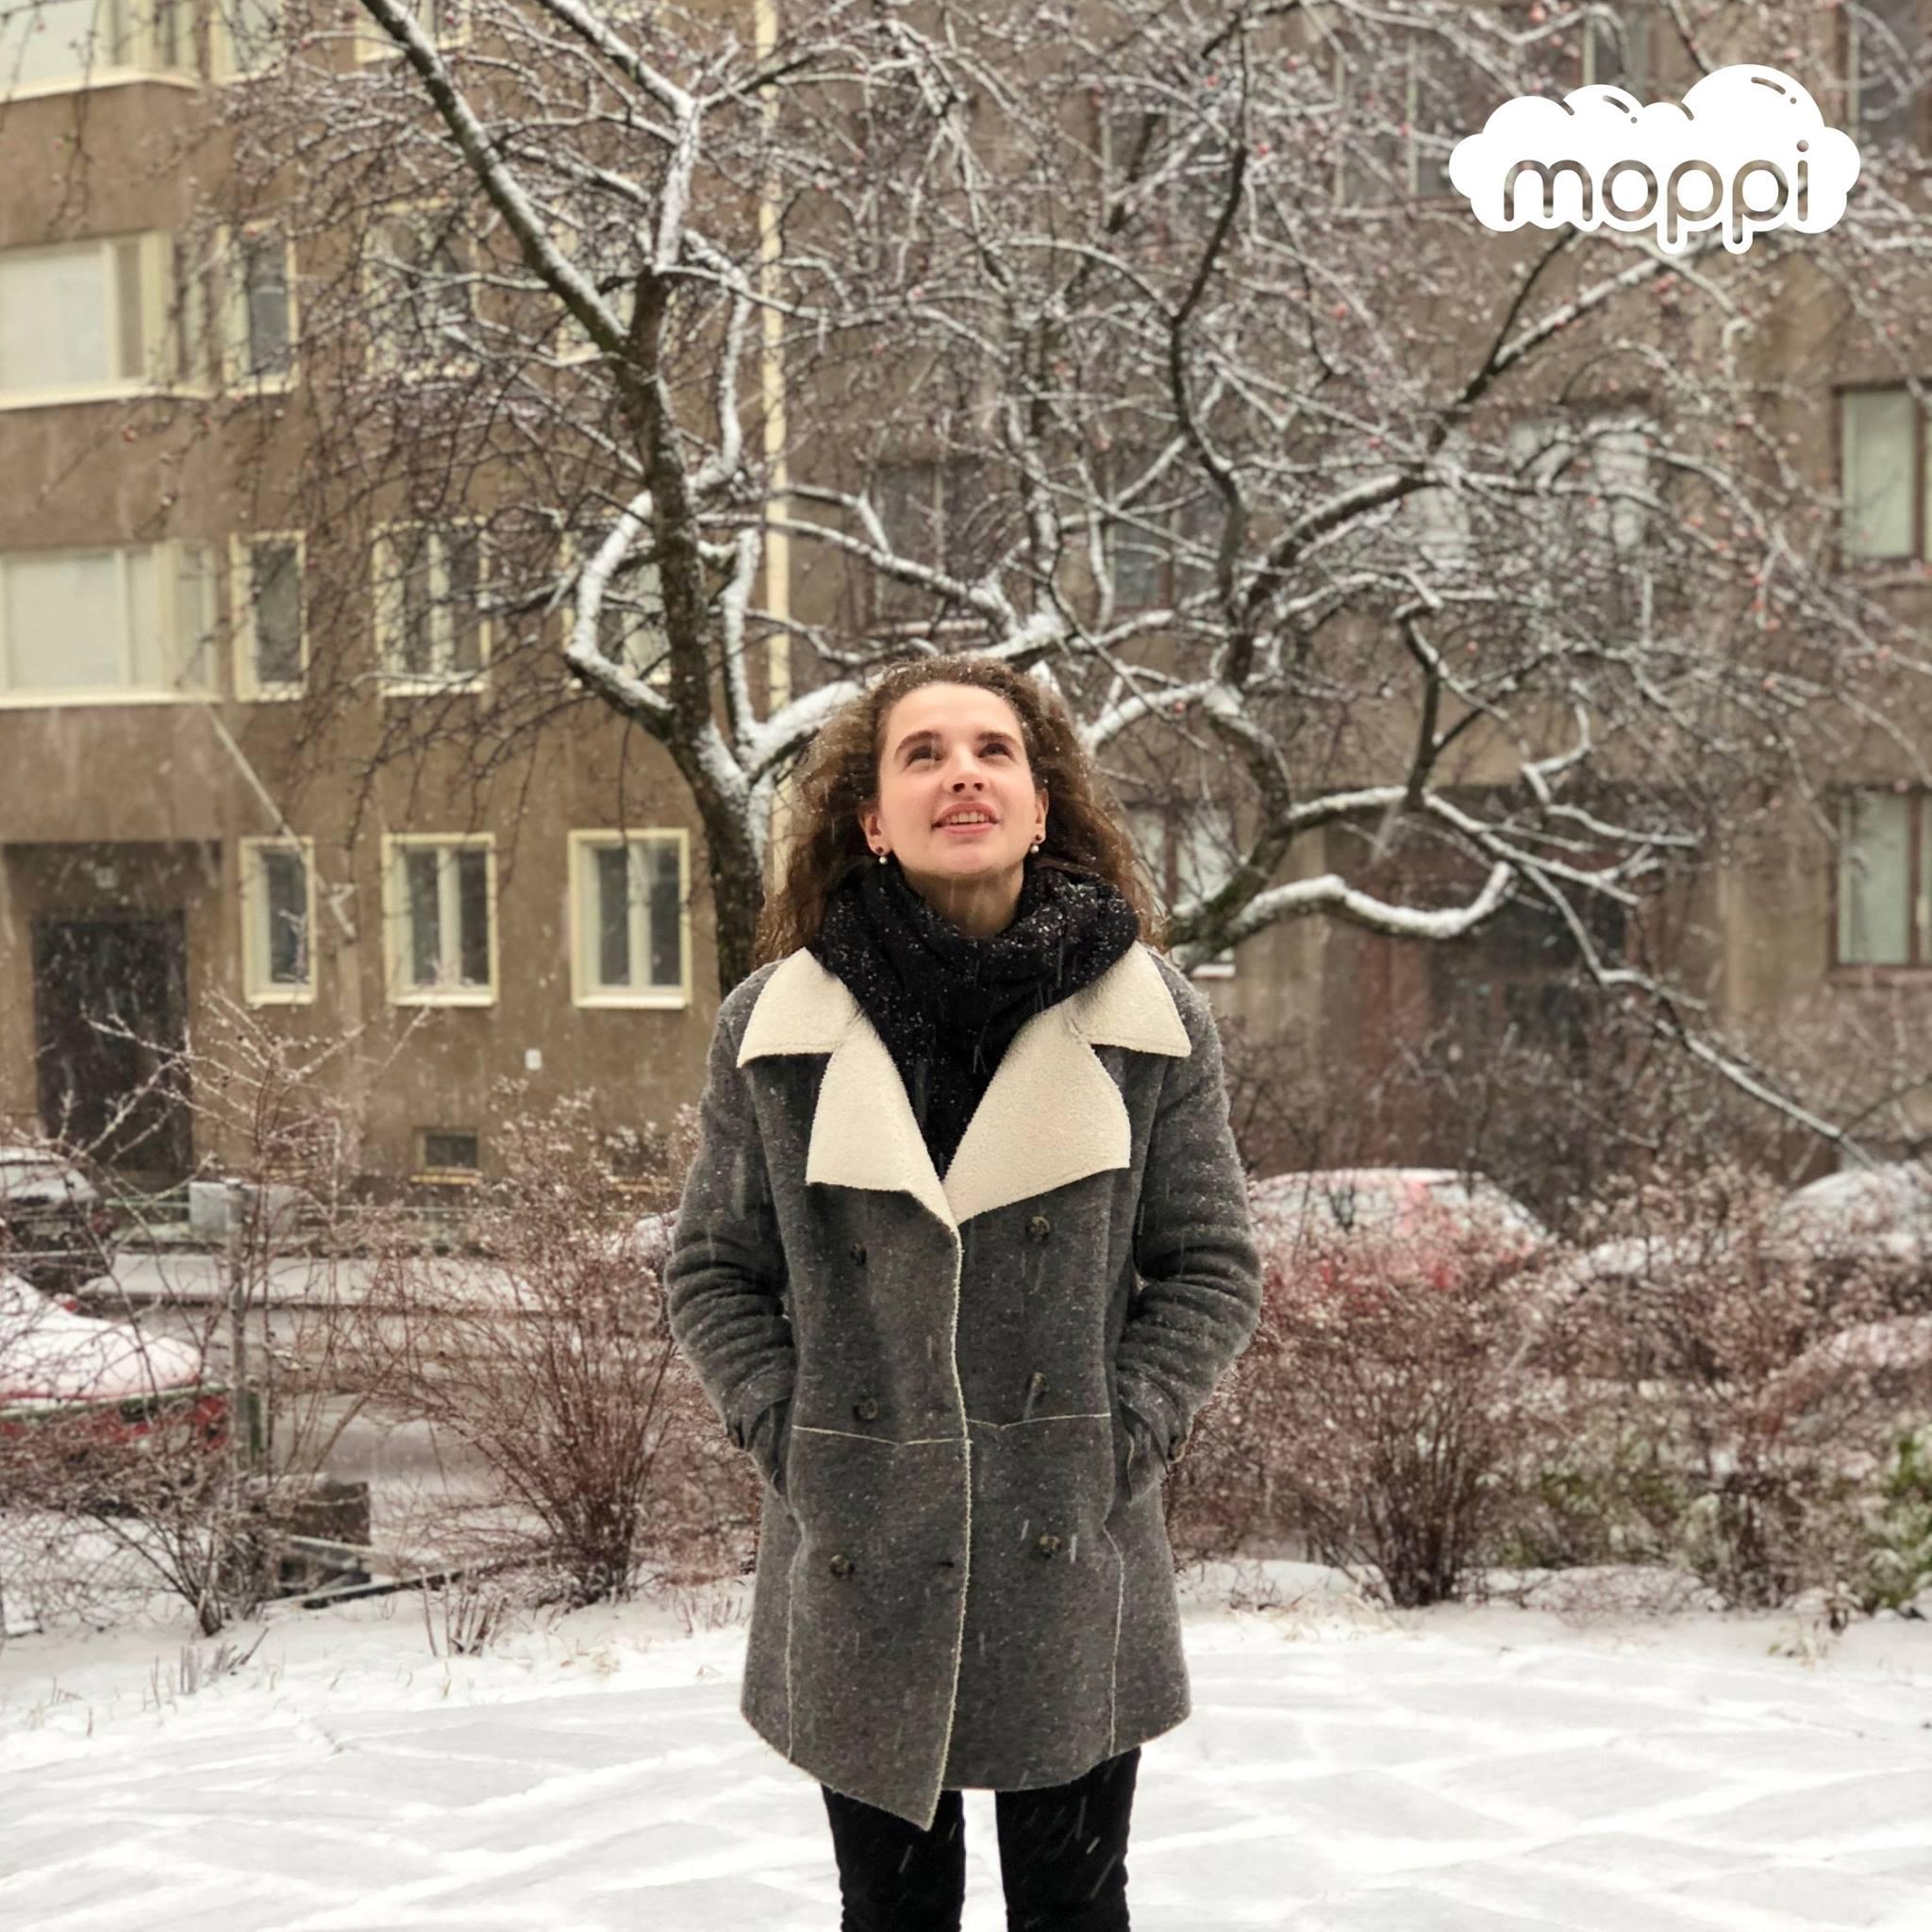 Siivooja - Anna - Helsinki, Espoo - Moppi.com